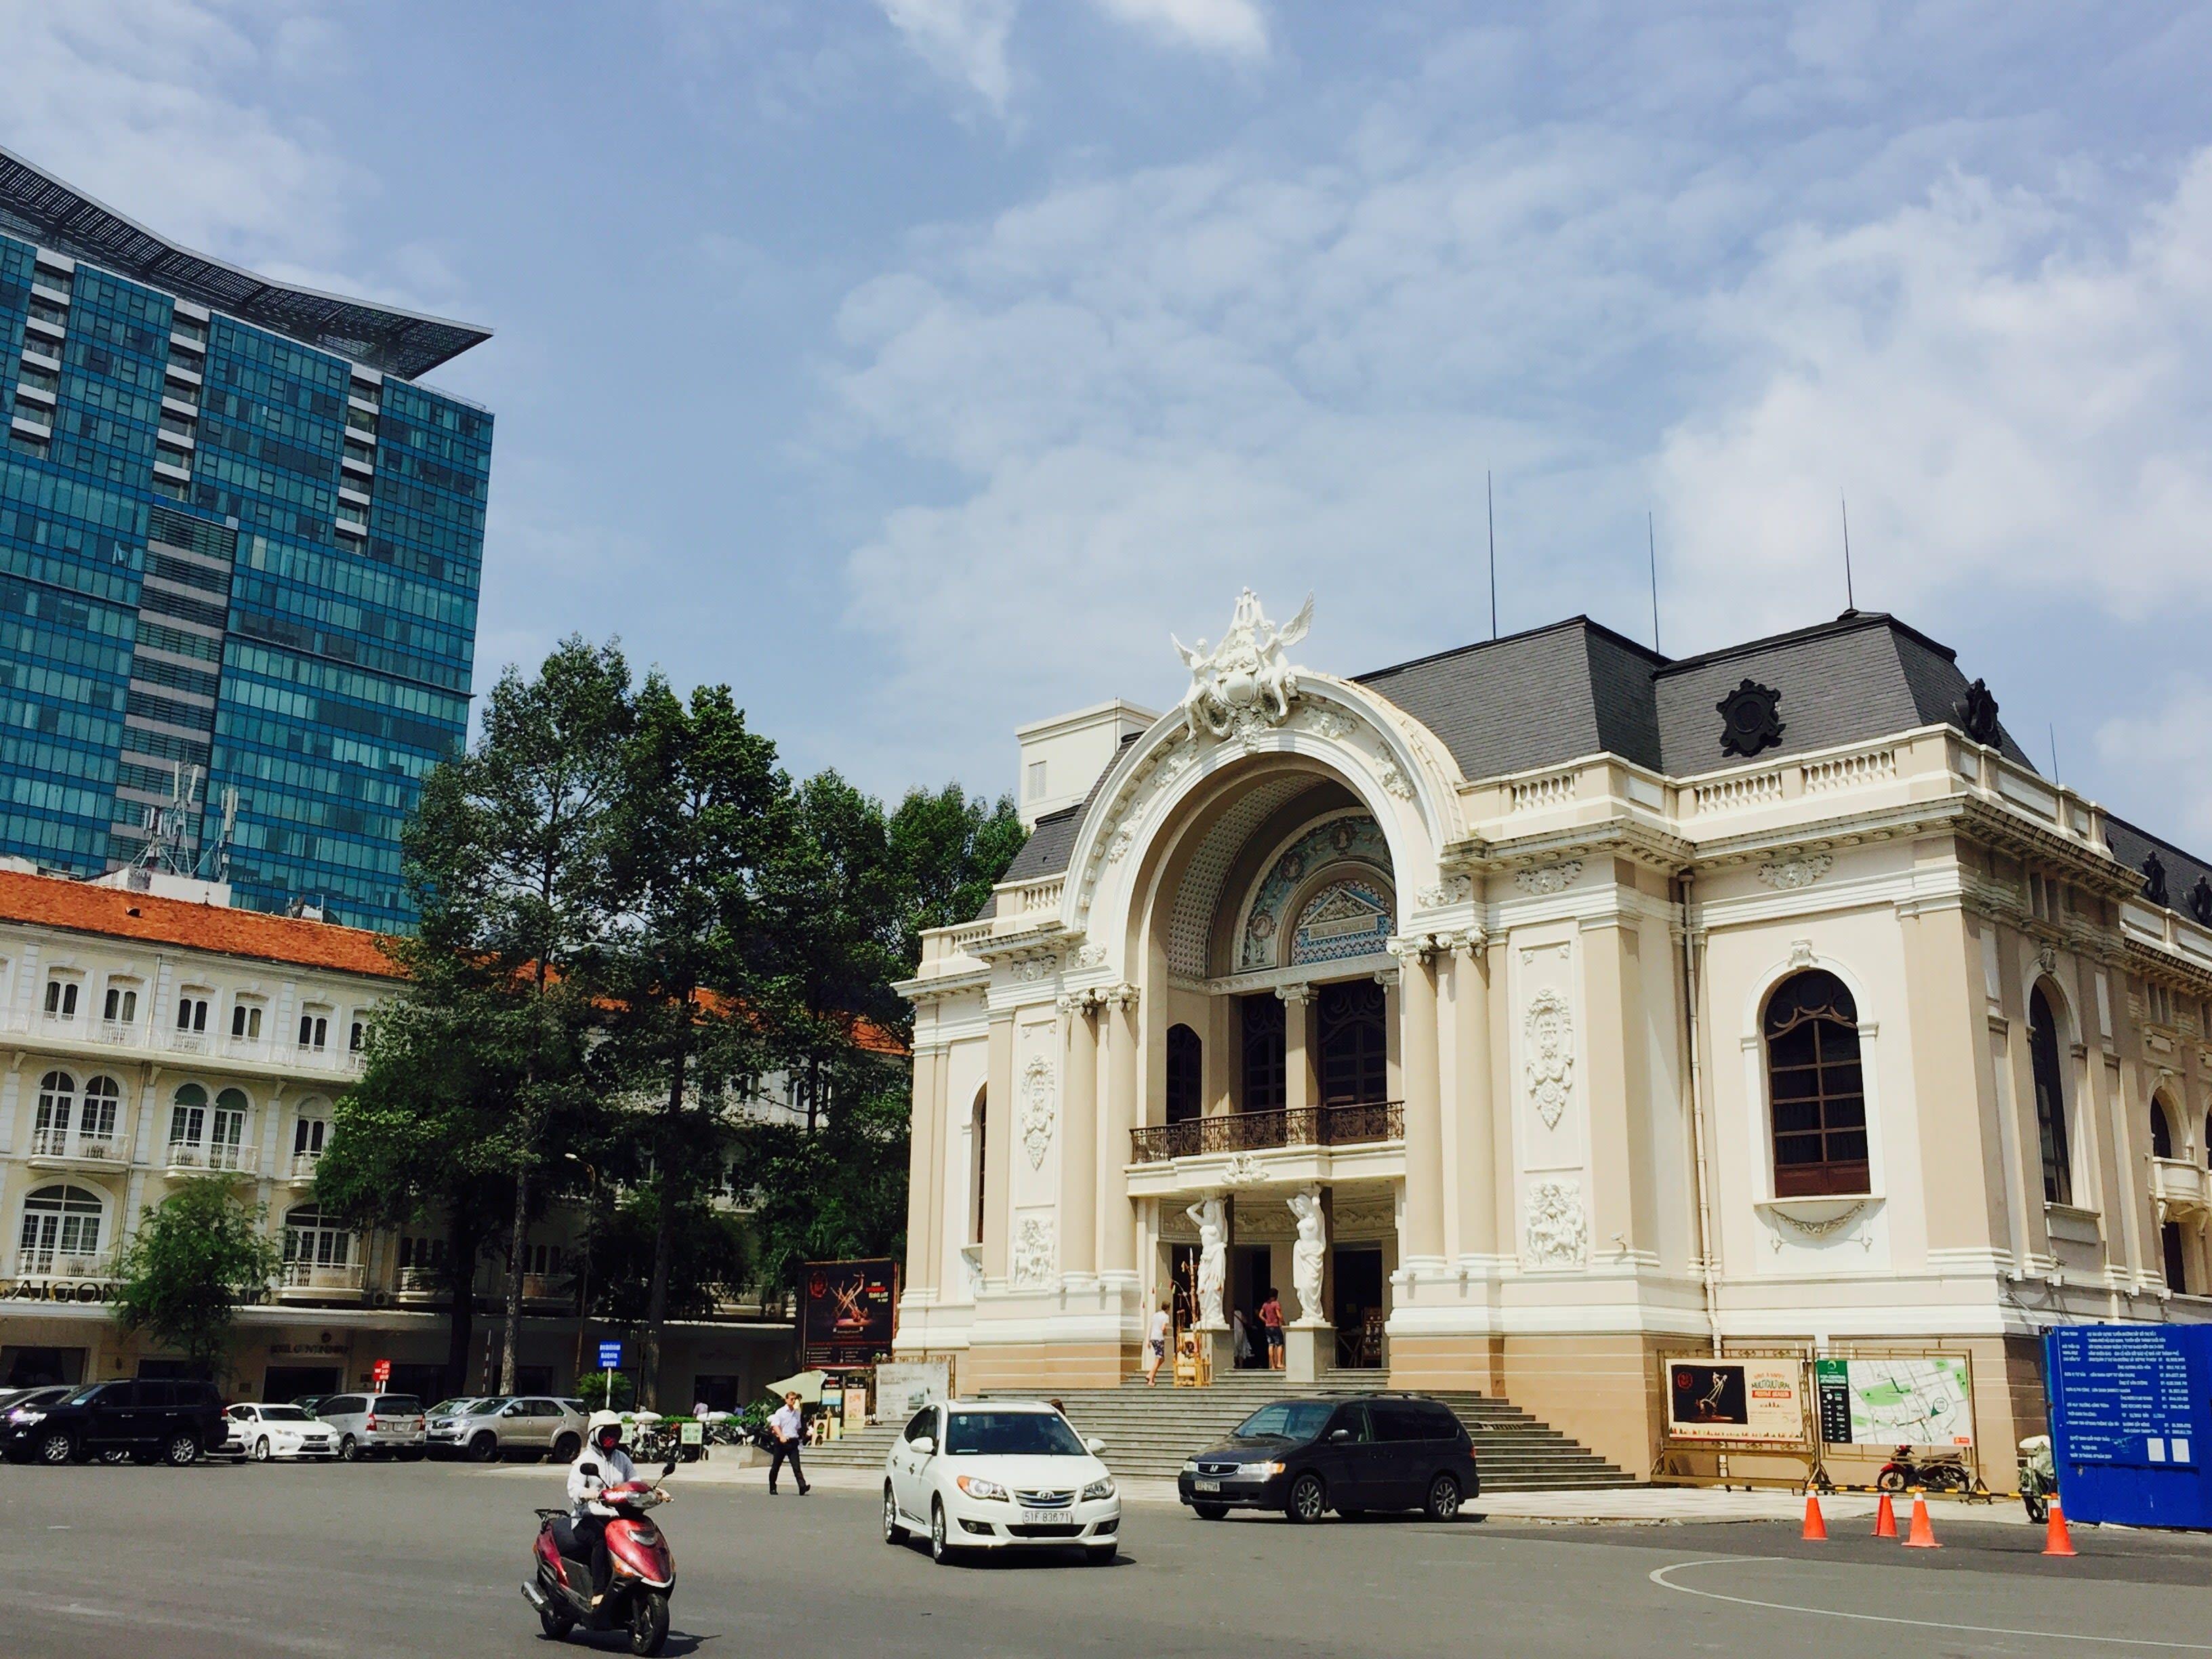 胡志明市景點 : 西貢歌劇院